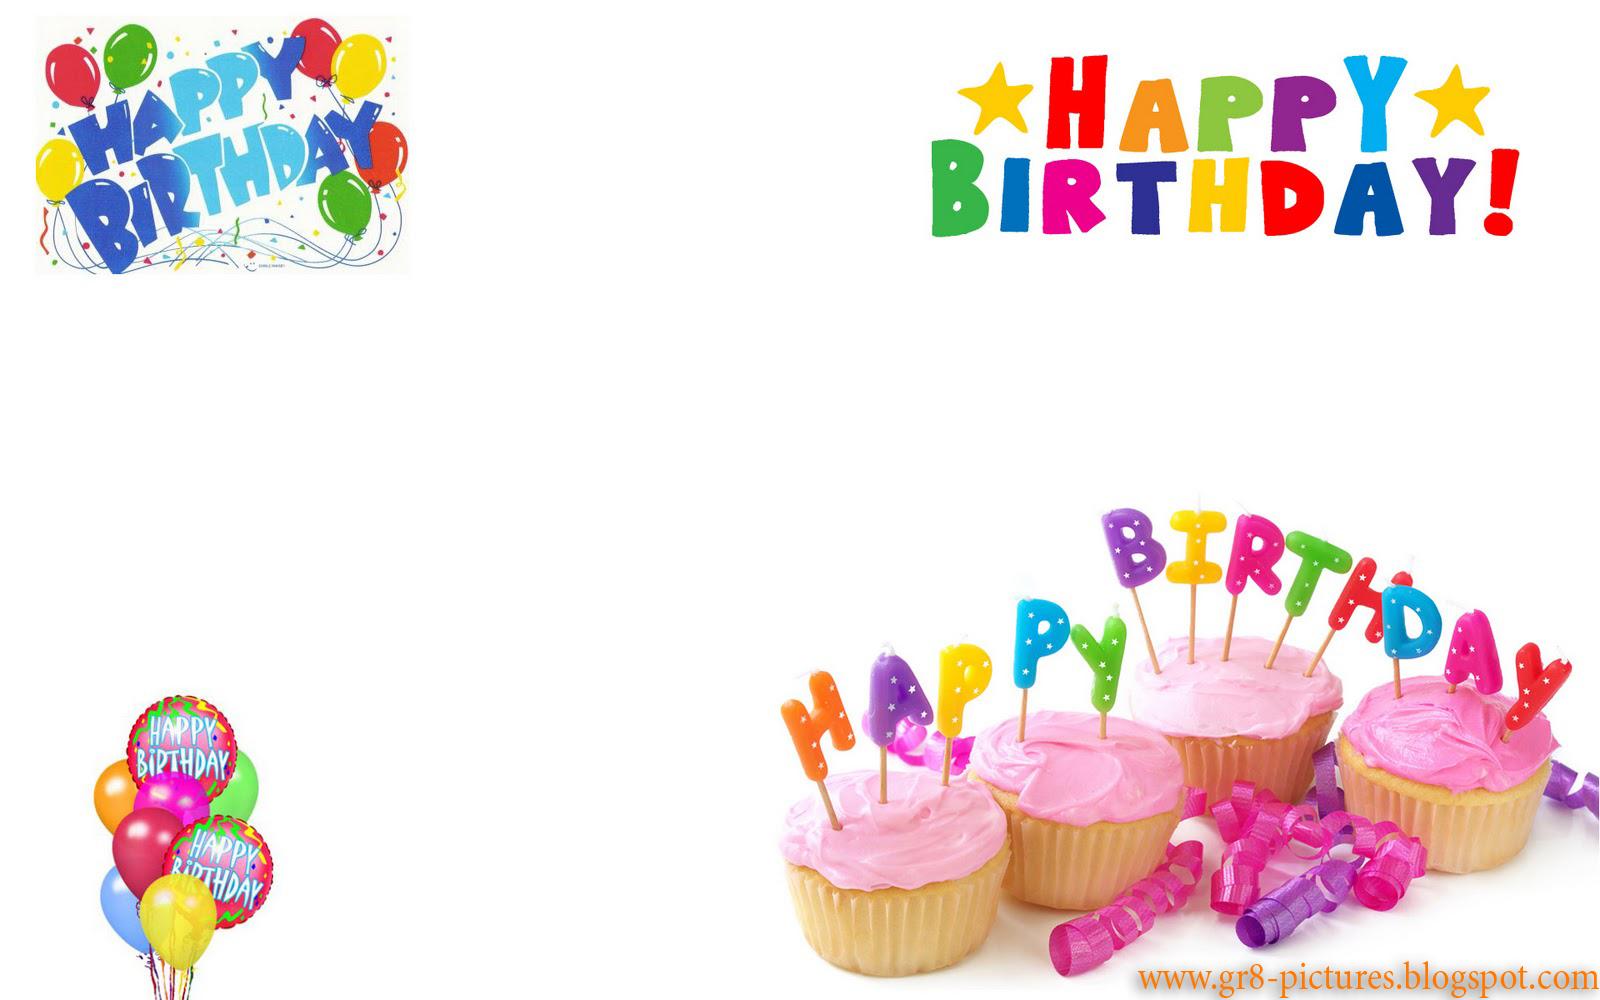 White birthday wallpaper, cake, balloons, letters